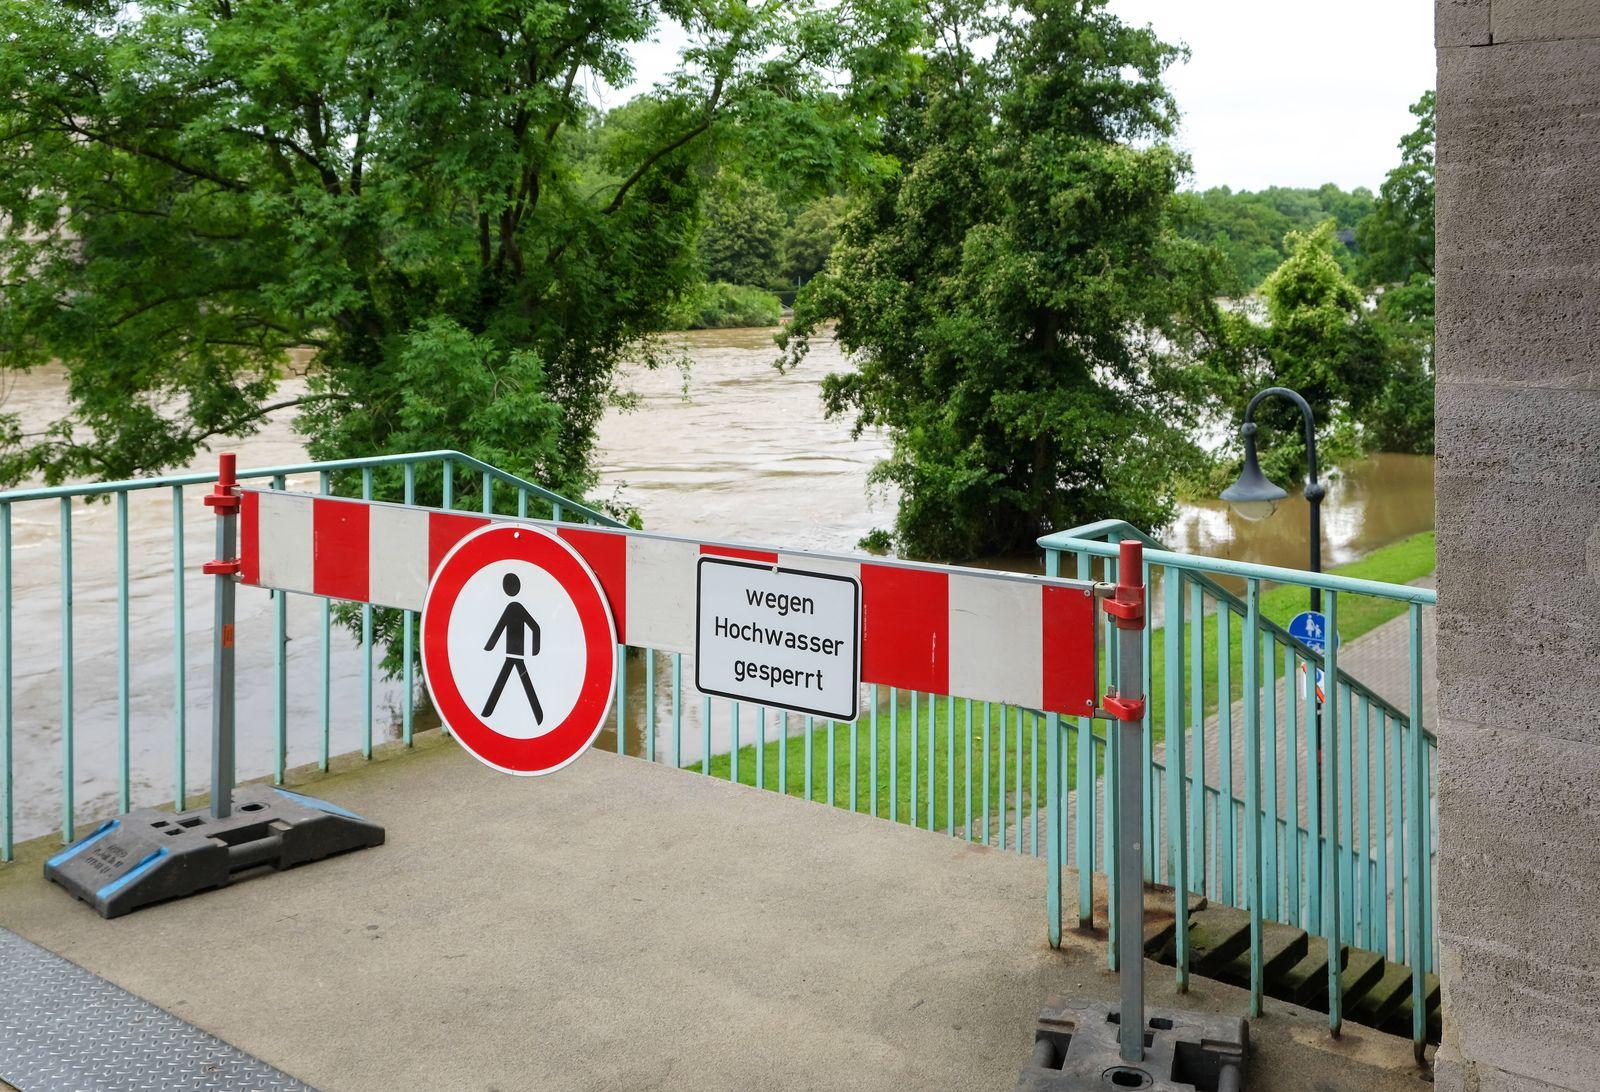 Muelheim an der Ruhr, Nordrhein-Westfalen, Deutschland - Hochwasser, Ruhruferweg gesperrt wegen Hochwasser in Muelheim